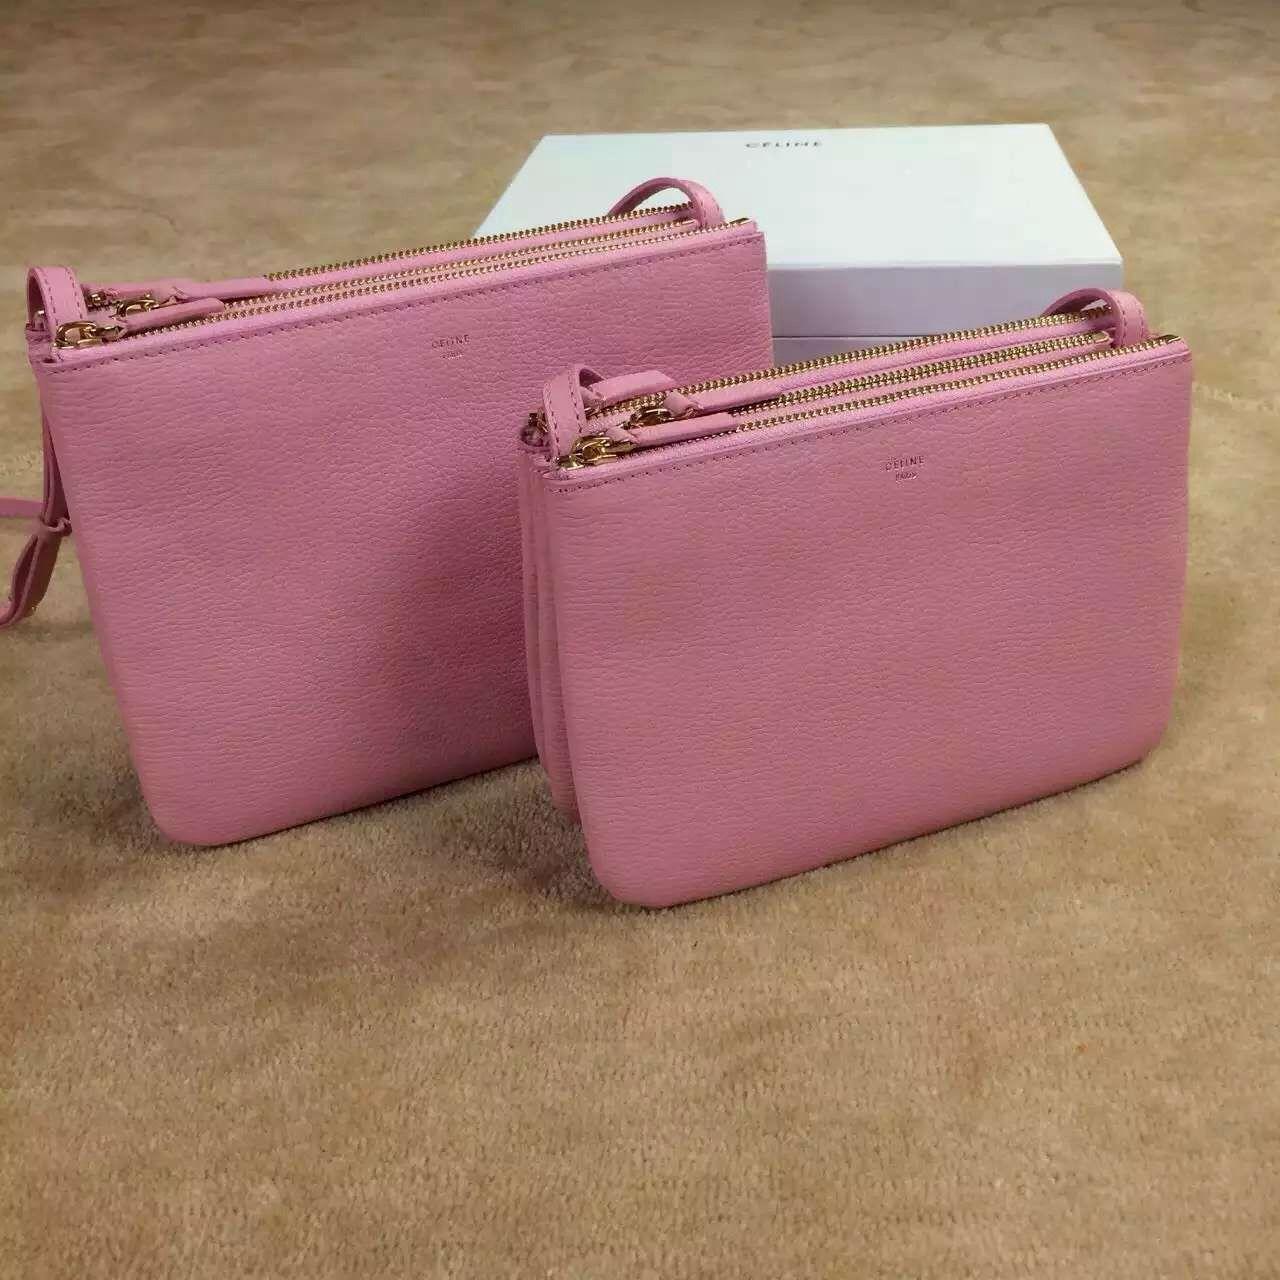 Pin by Fabulous Handbags on Celine  7e8bfabda0ccb